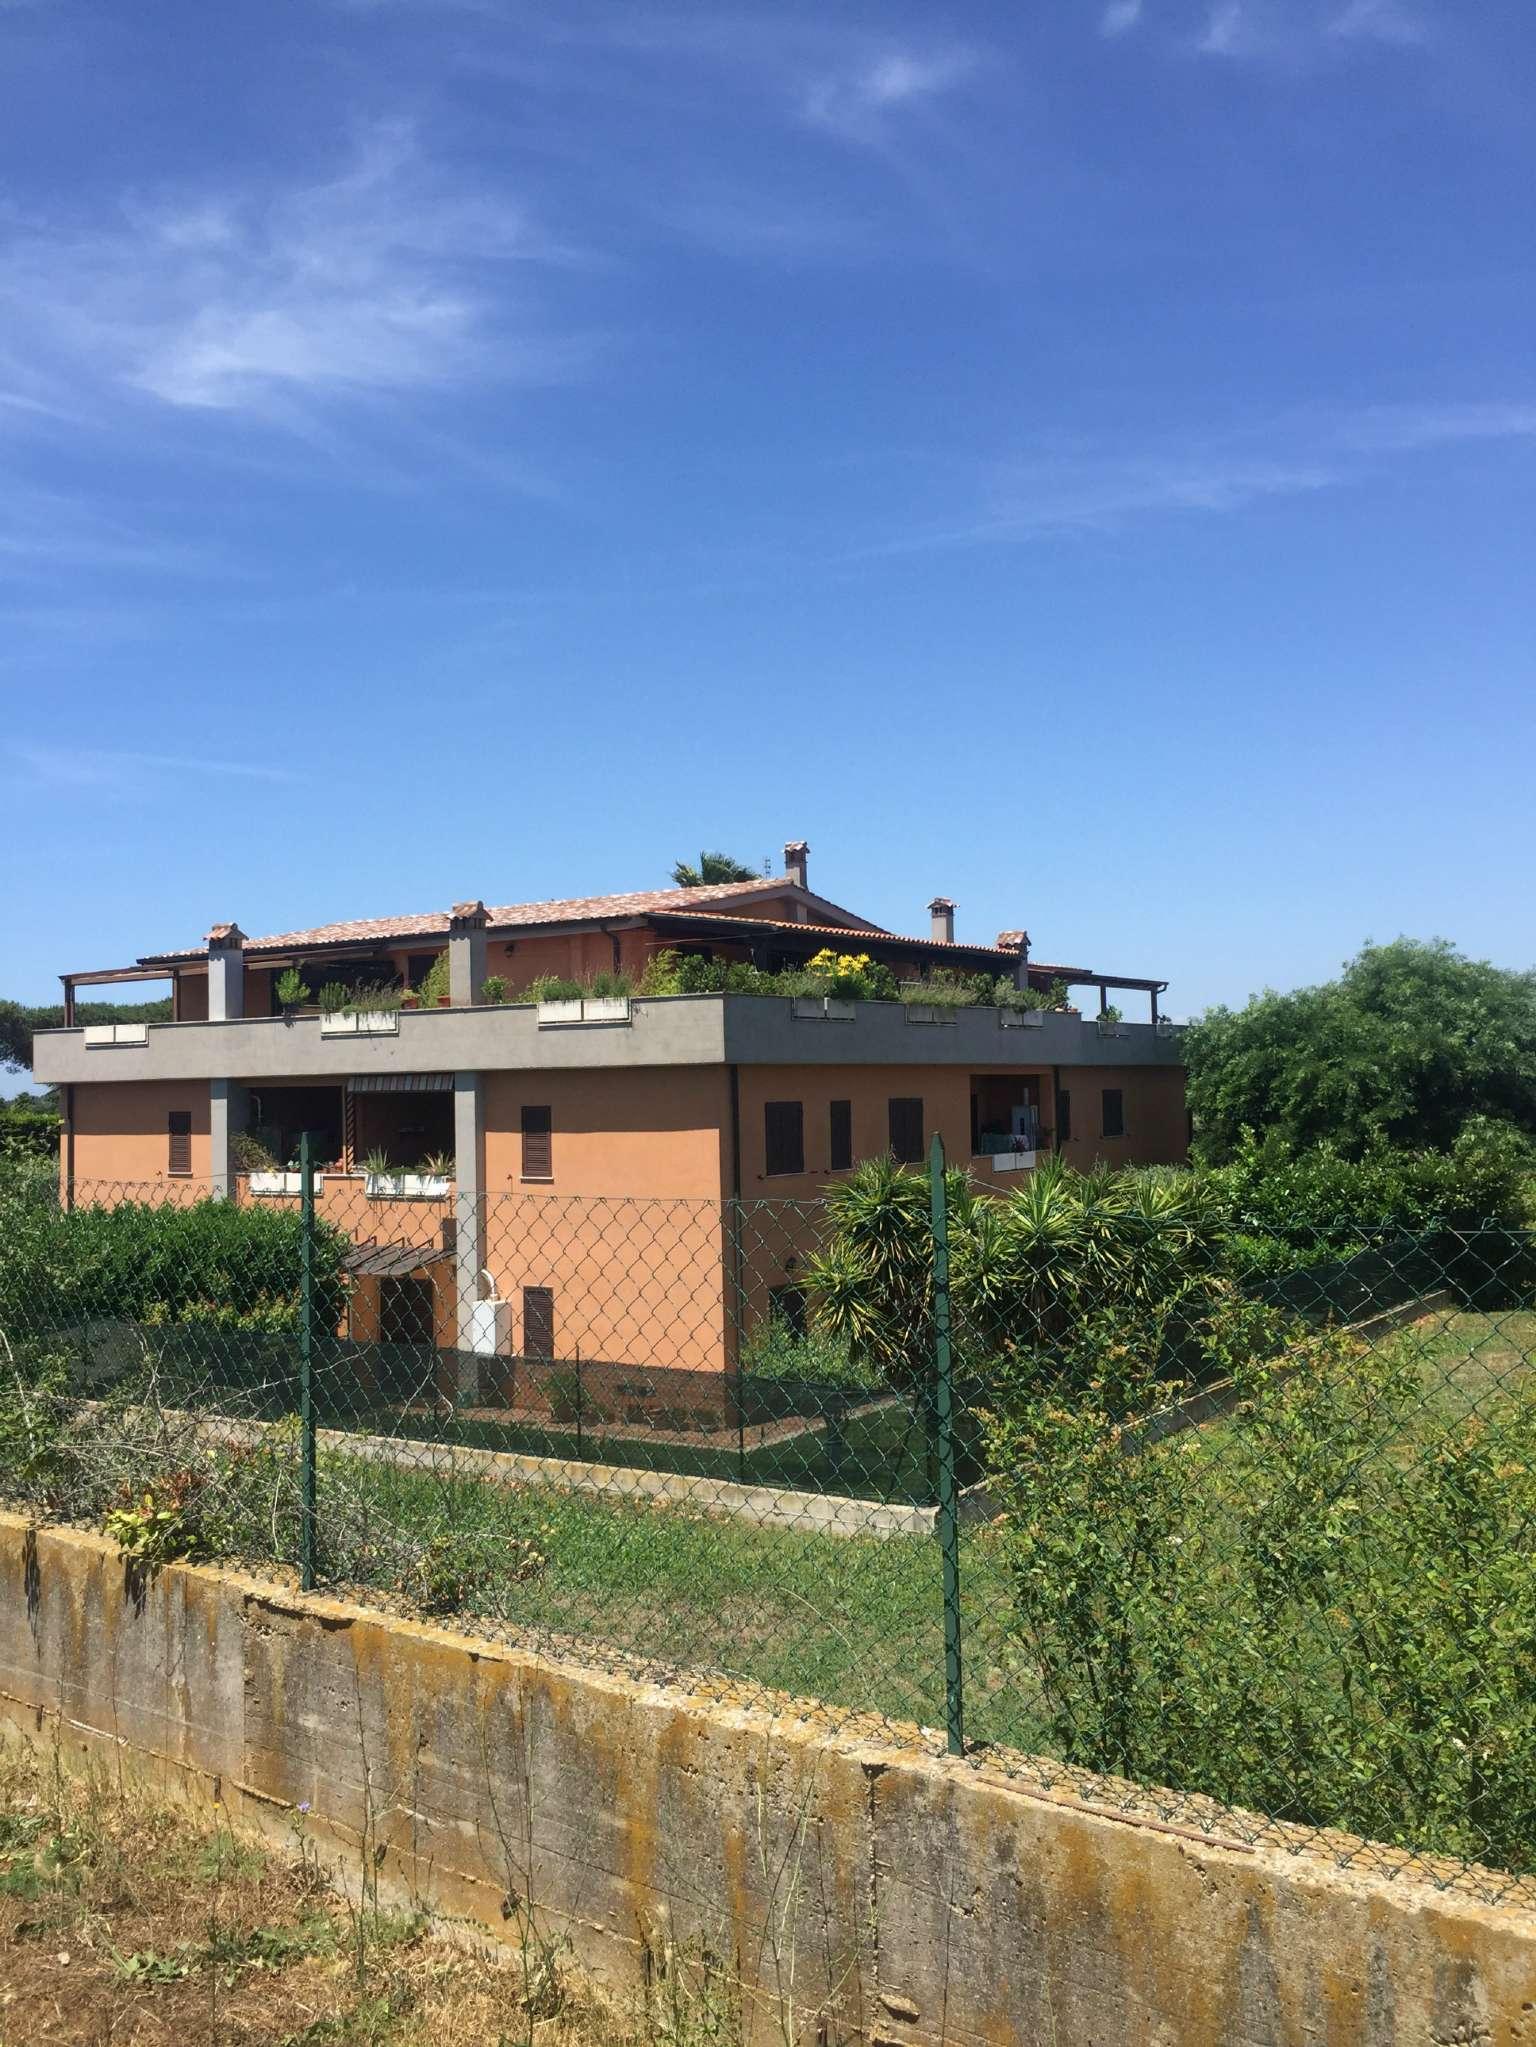 Appartamento in vendita a Roma, 3 locali, zona Zona: 37 . Morena - Ciampino - Trigoria - Falcognana, prezzo € 150.000 | CambioCasa.it